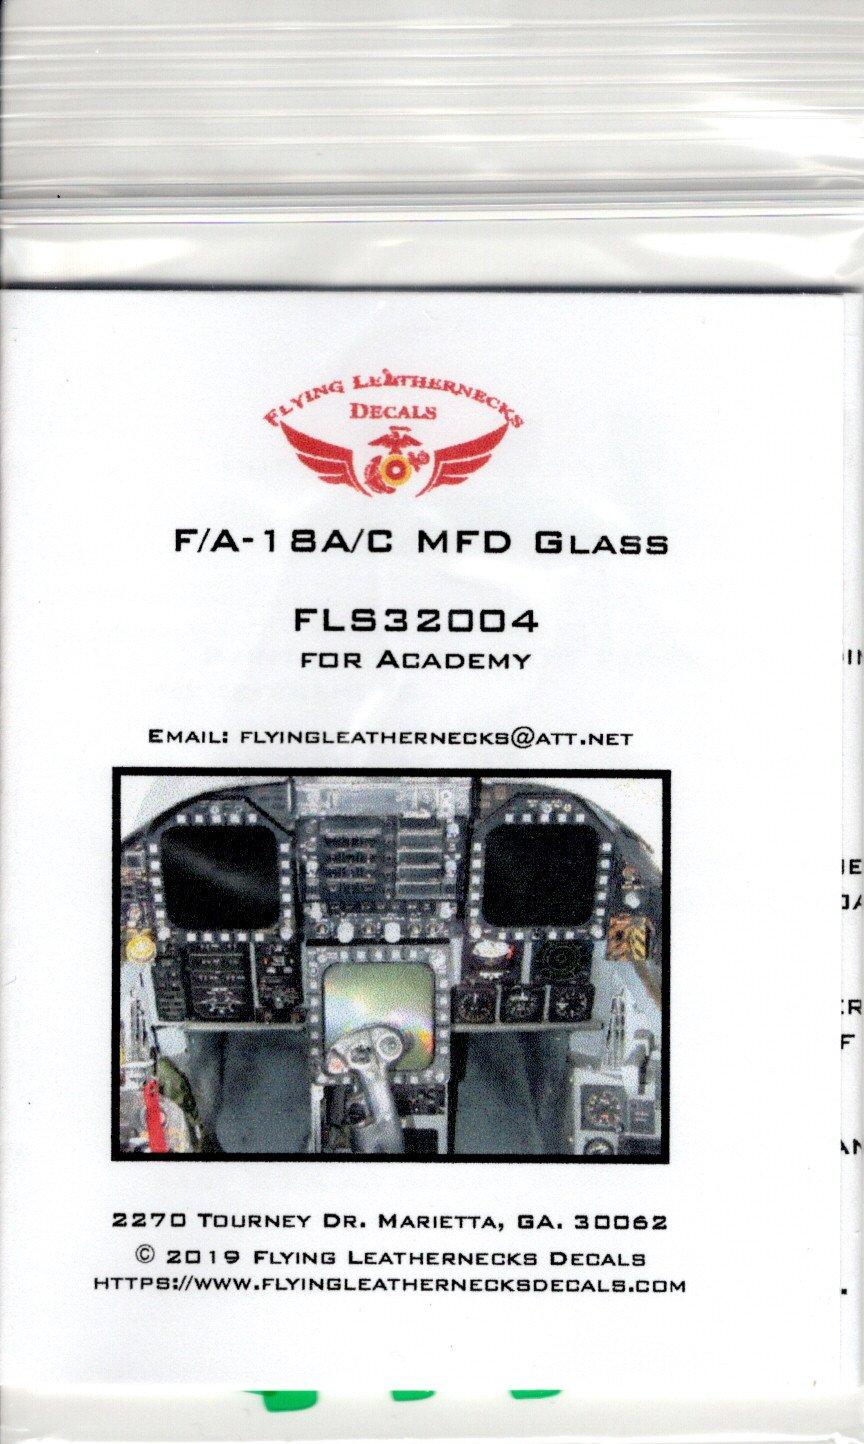 FLS32004